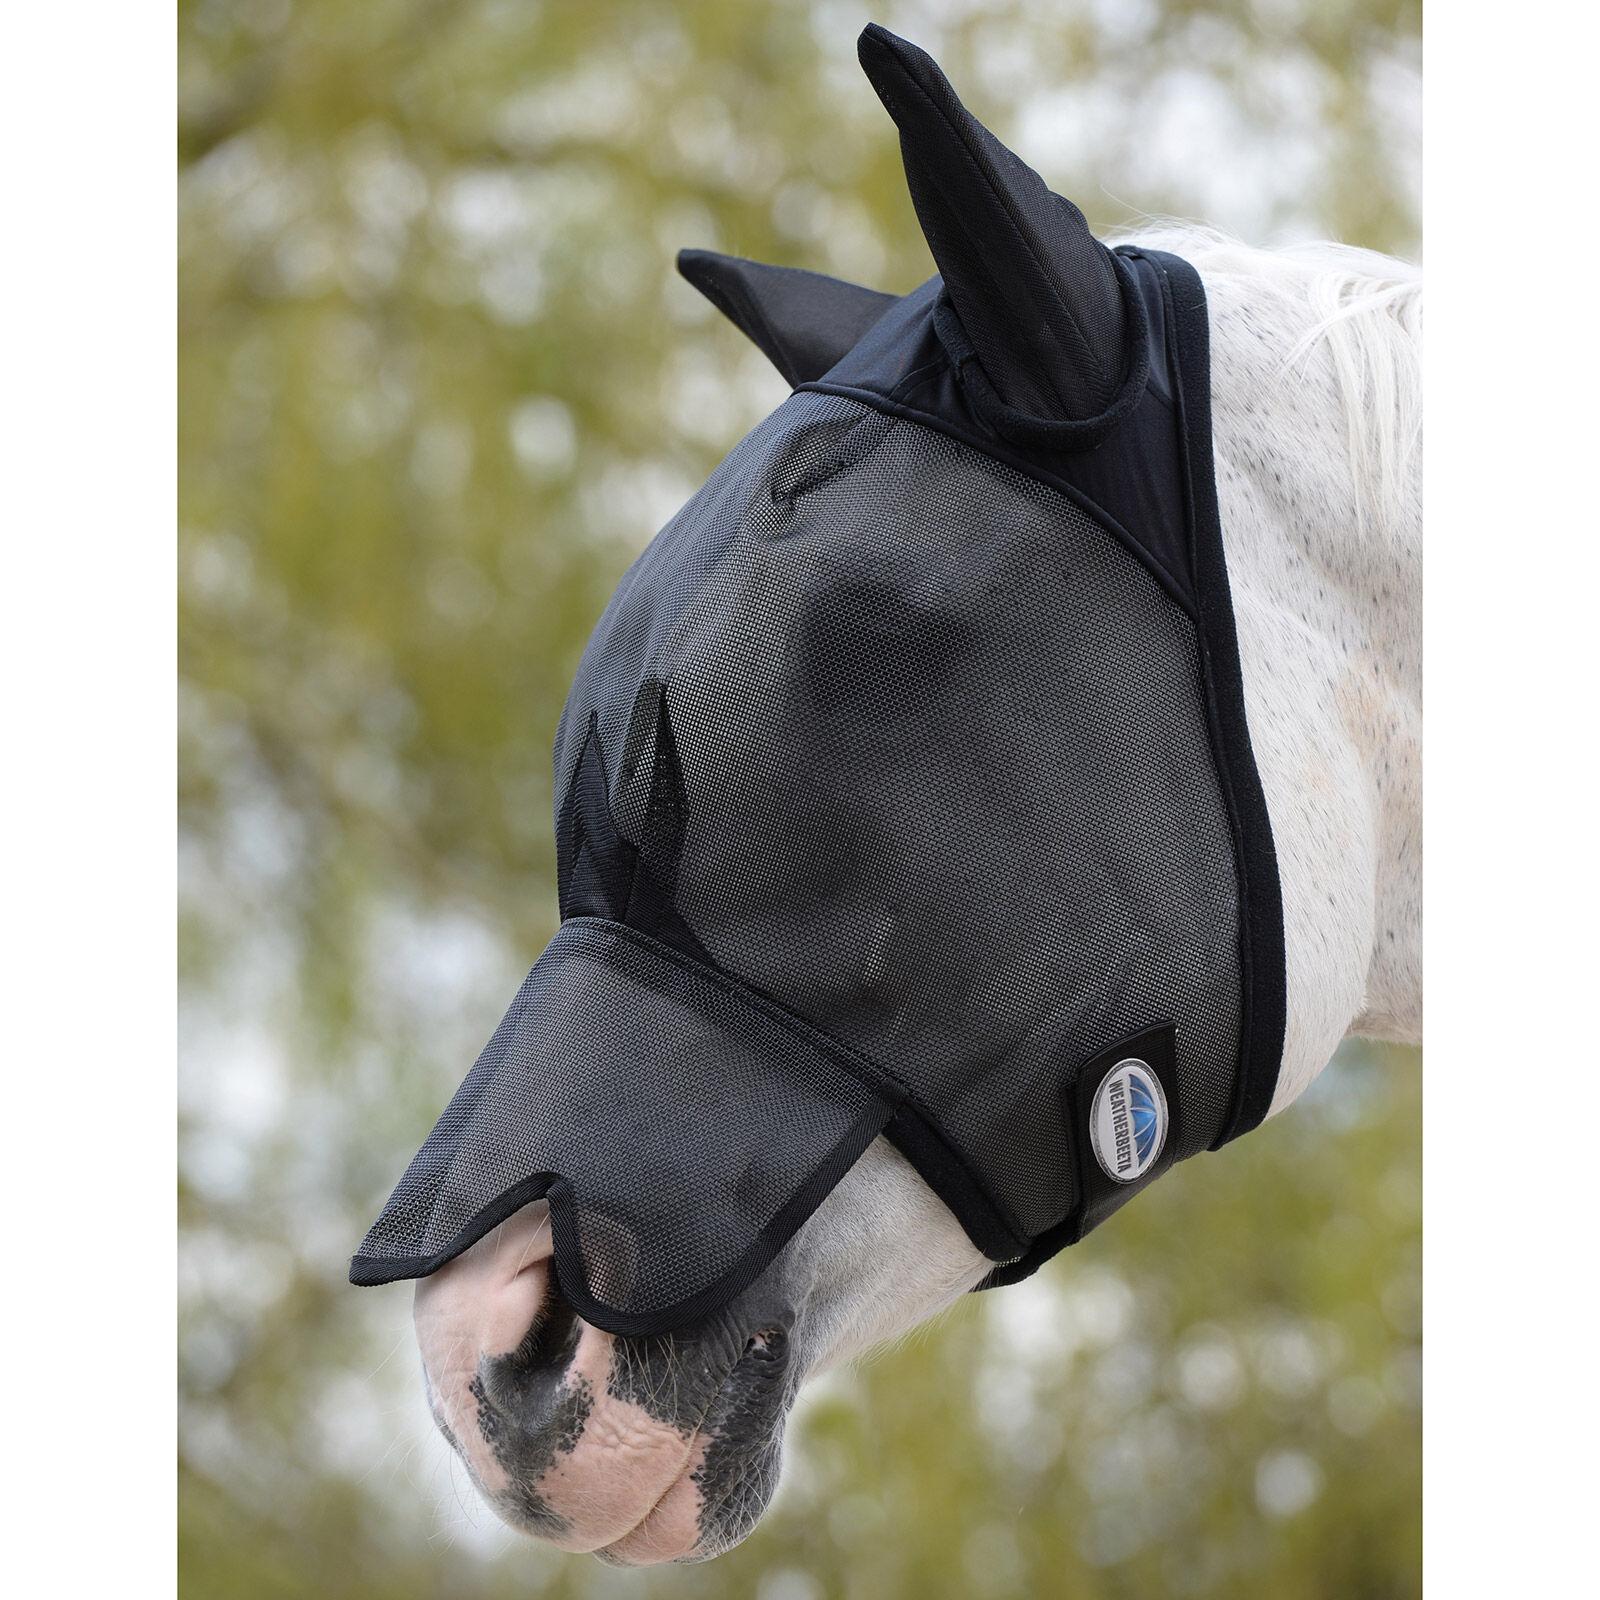 Meilleur sur cheval de protection confortable équestre NOUVELLE Fermeture Éclair Qualité Lycra Hood